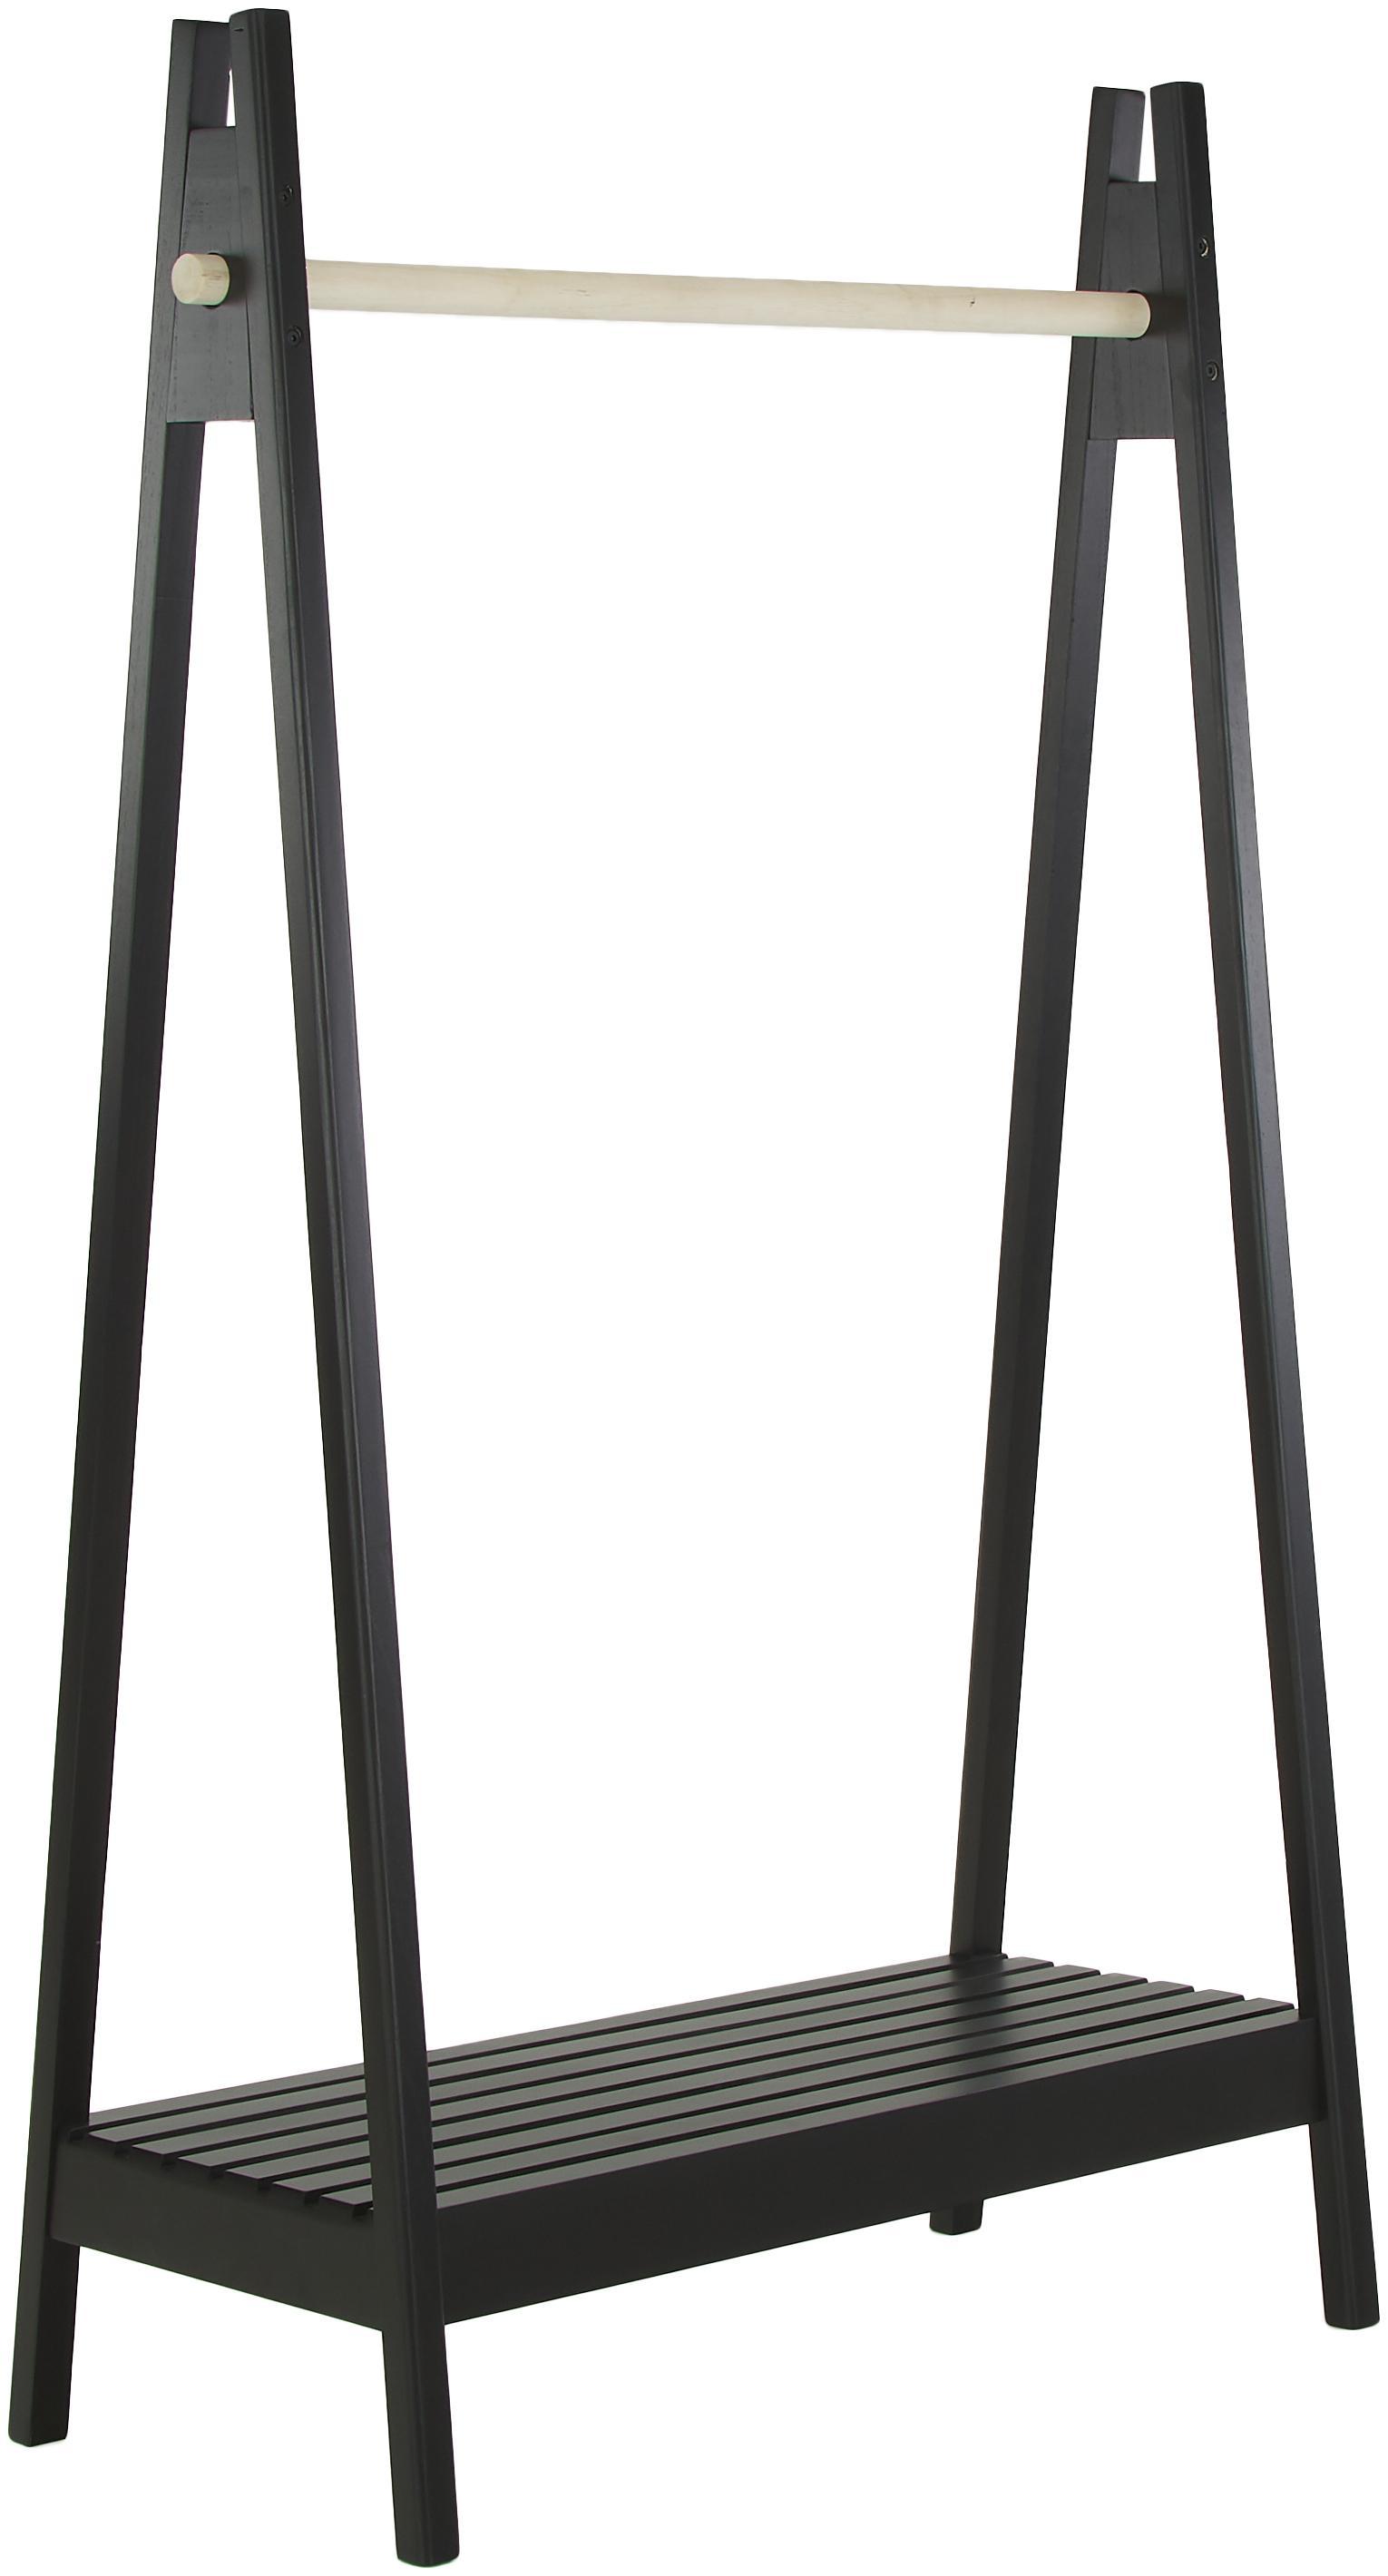 Wieszak stojący z drewna Torino, Drewno paulownia, płyta pilśniowa średniej gęstości (MDF), Czarny, biały, S 95 x G 39 cm